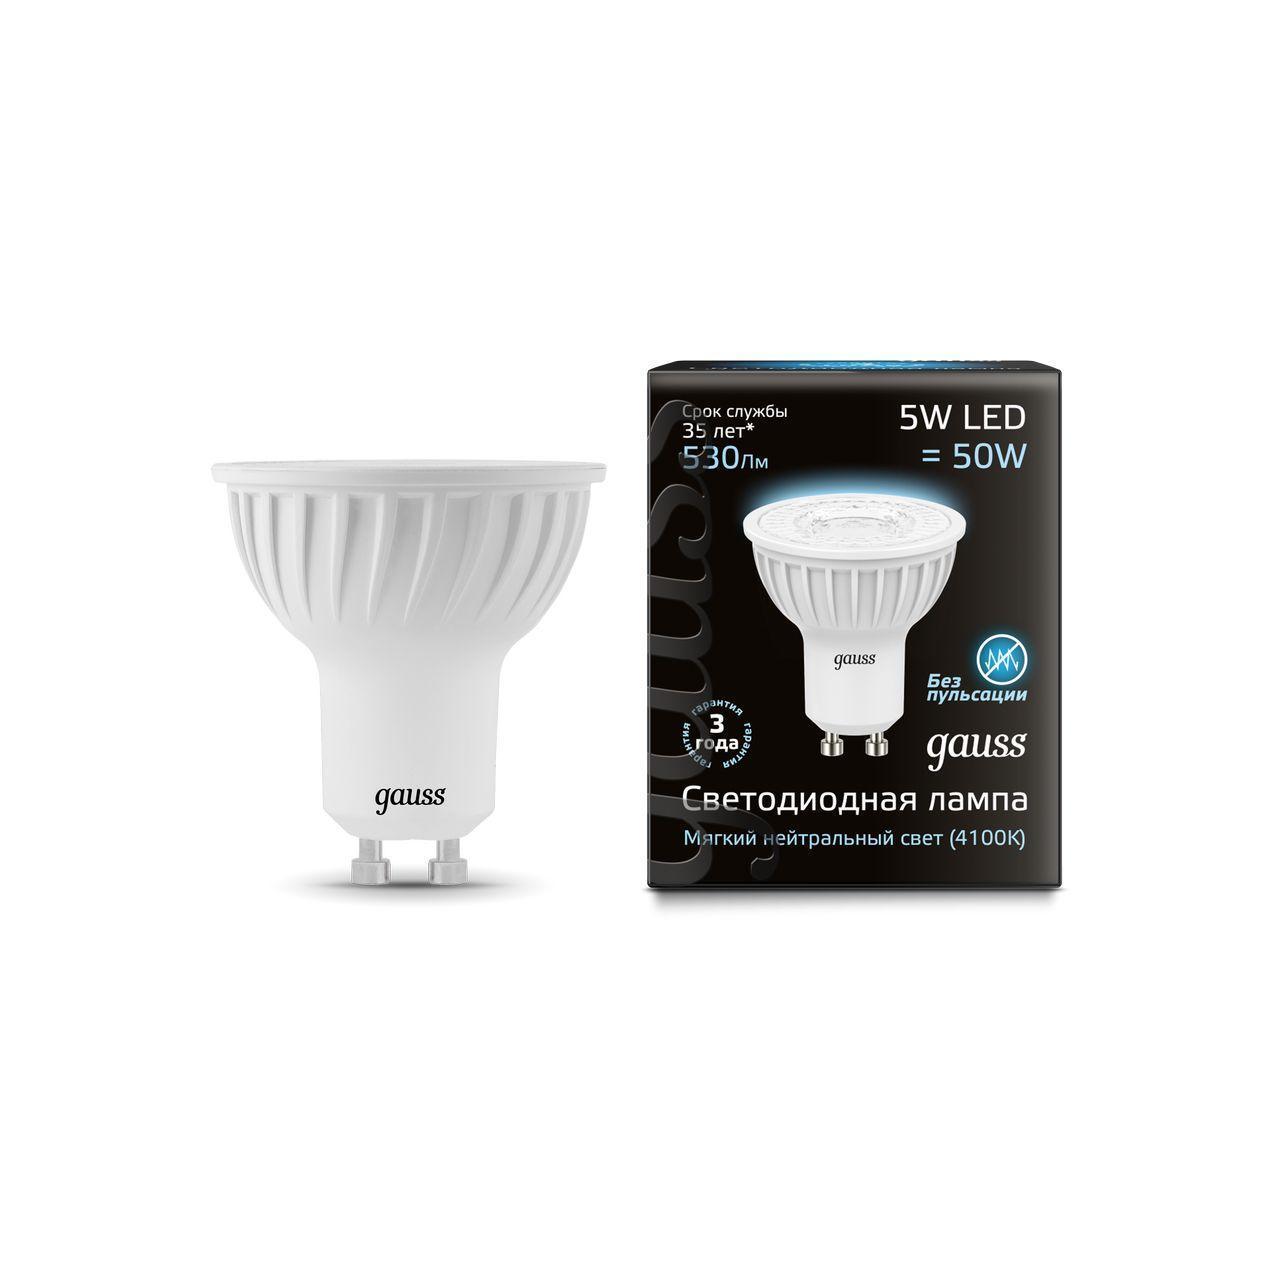 Лампа cветодиодная GU10 5W 4100K матовая 101506205 goodeck лампа светодиодная goodeck рефлекторная матовая gu10 5 5w 4100k gl1007024206